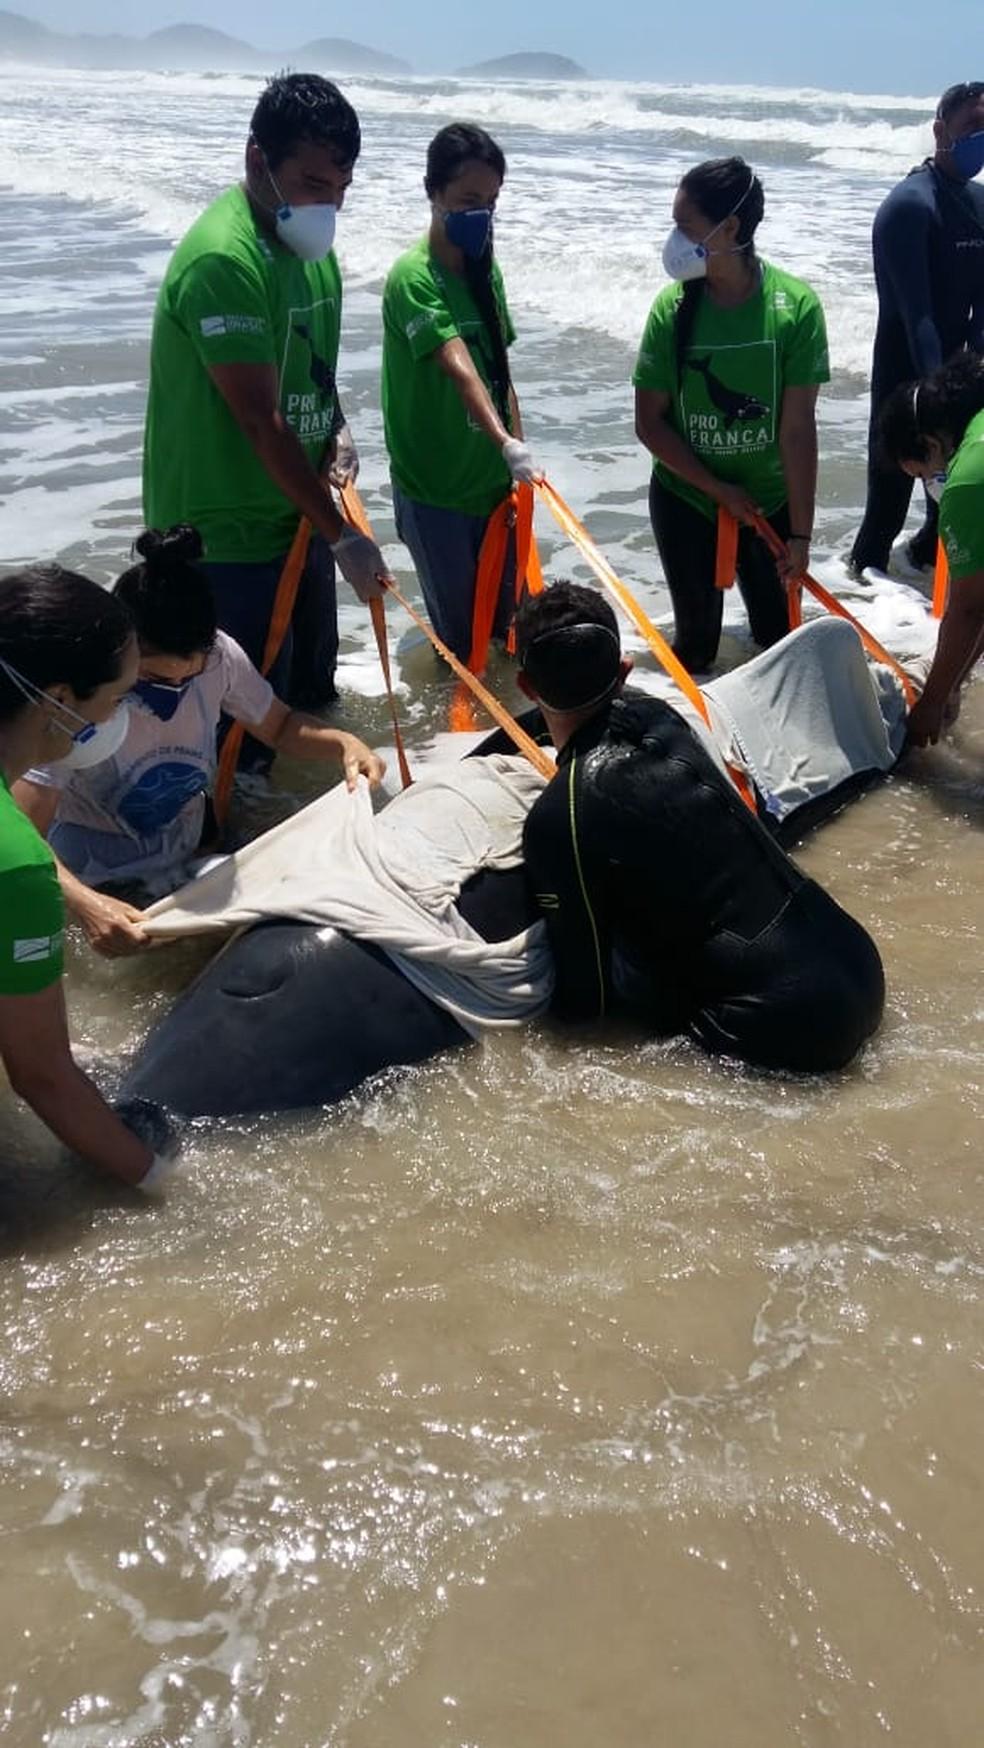 Especialistas retiraram animal do mar após encalhe para transporte terrestre até centro de reabilitação em Florianópolis  — Foto: PMP BS/Udesc